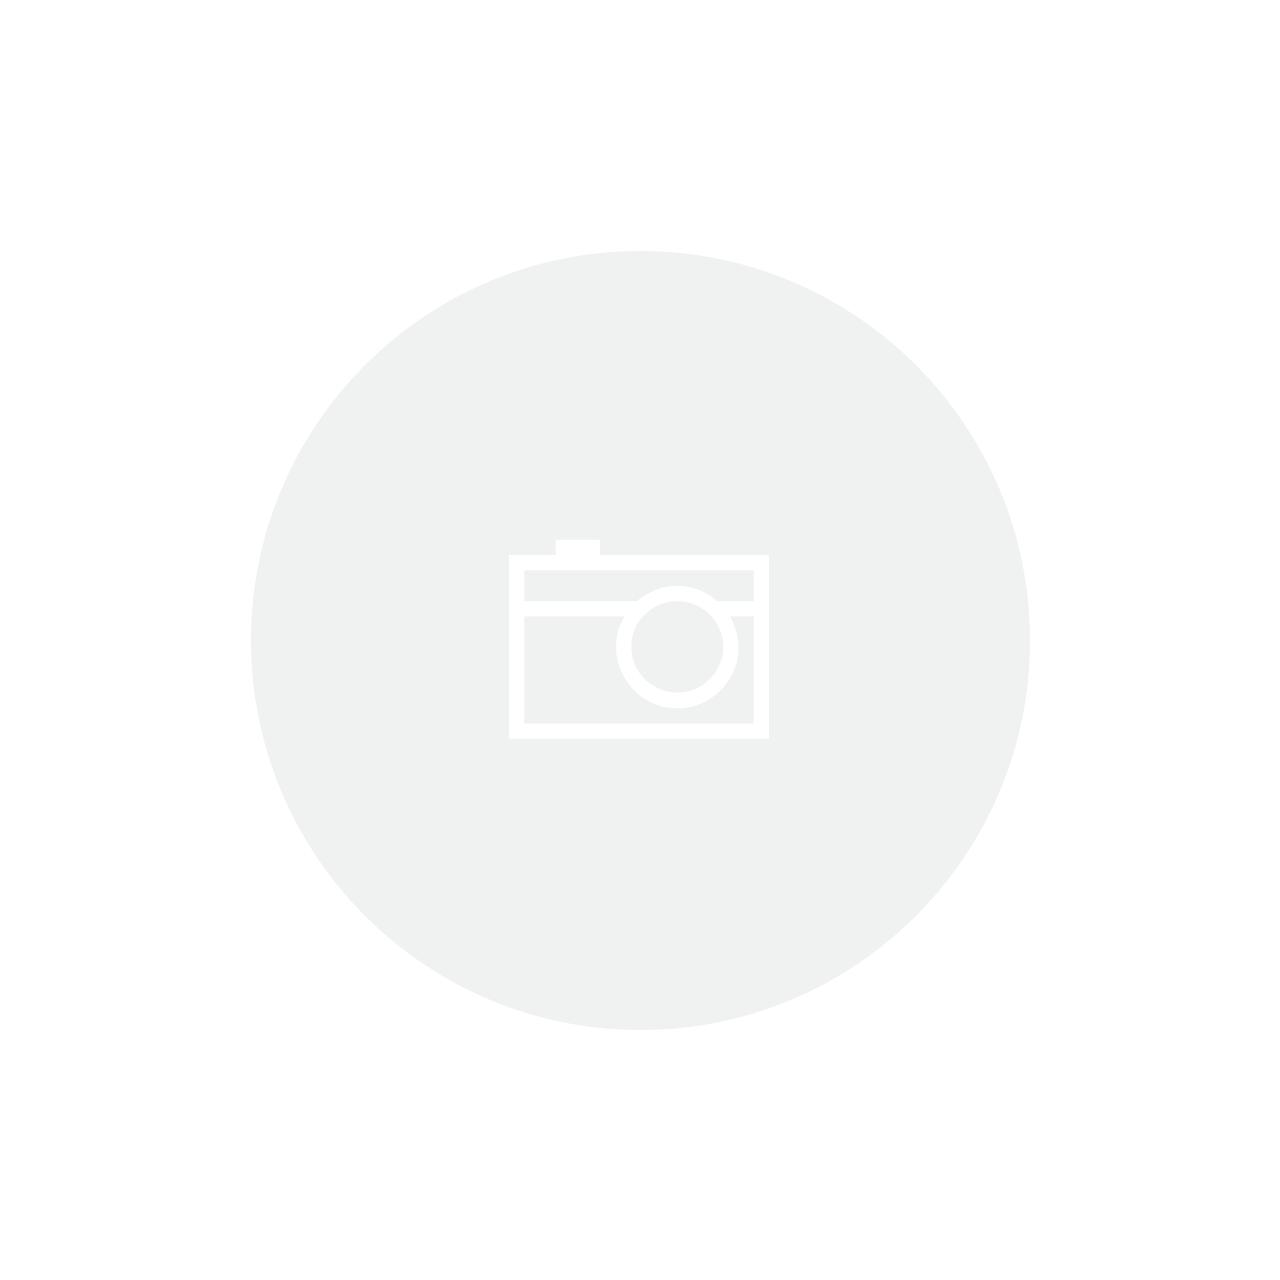 Caixa Organizadora 30 Litros Transparente Basic Tramontina